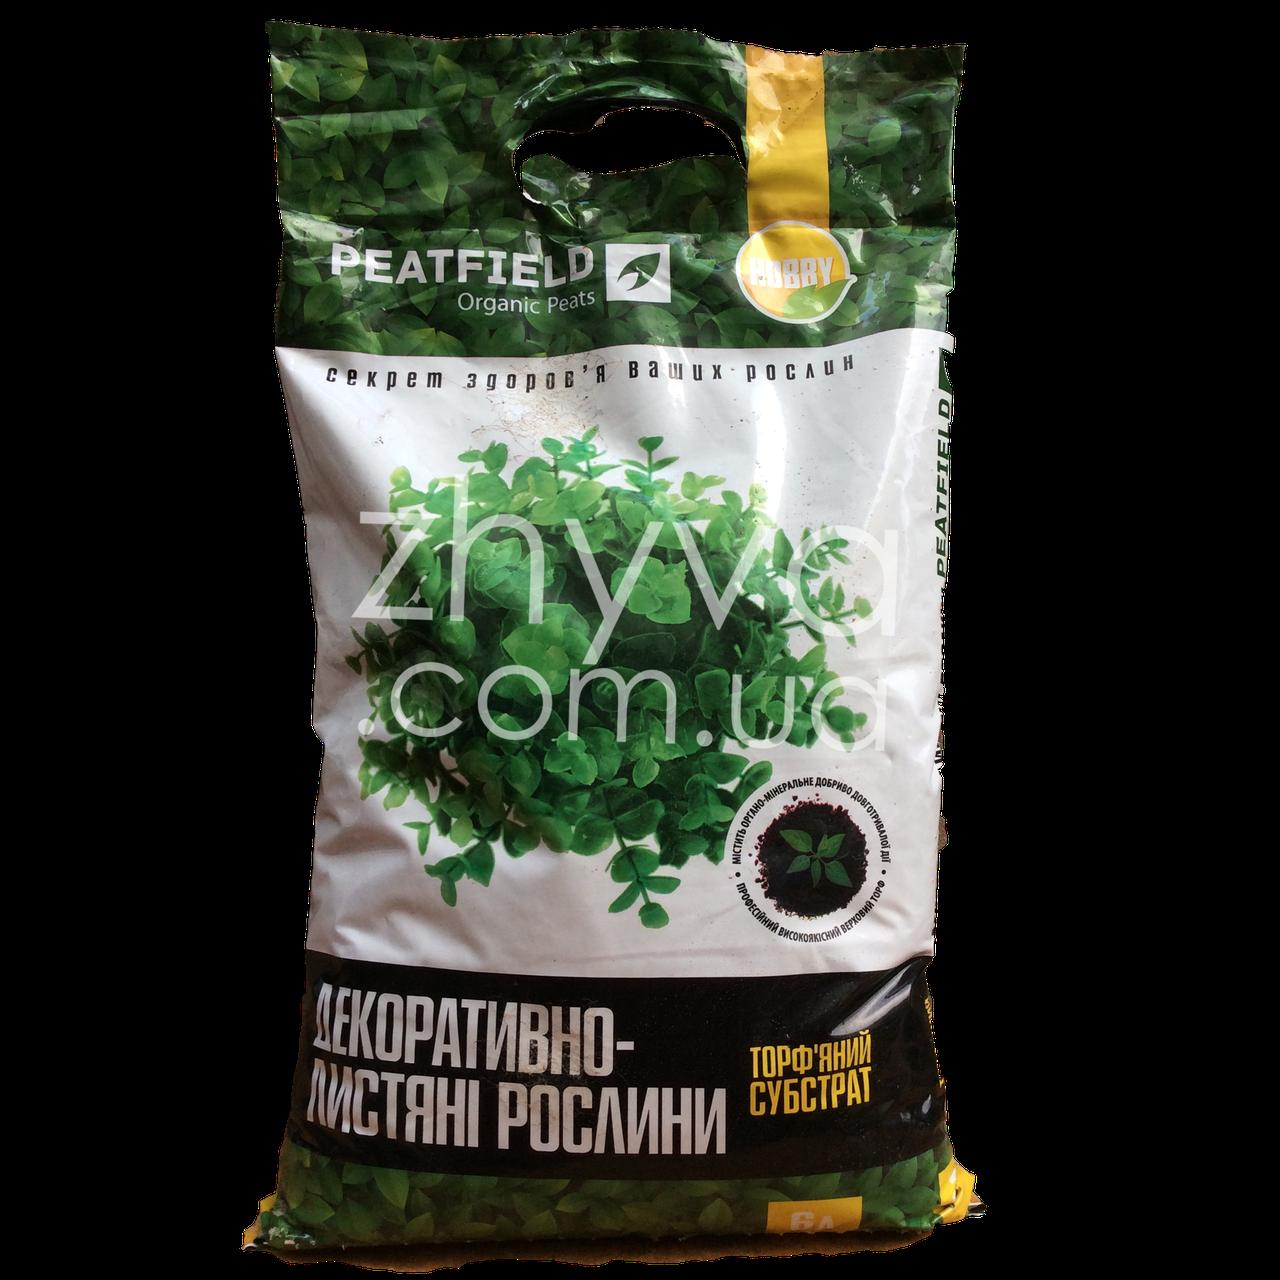 Субстрат для декоративно-листових рослин Peatfield 6 л / Торфяной субстрат для декоративно-лиственных растени